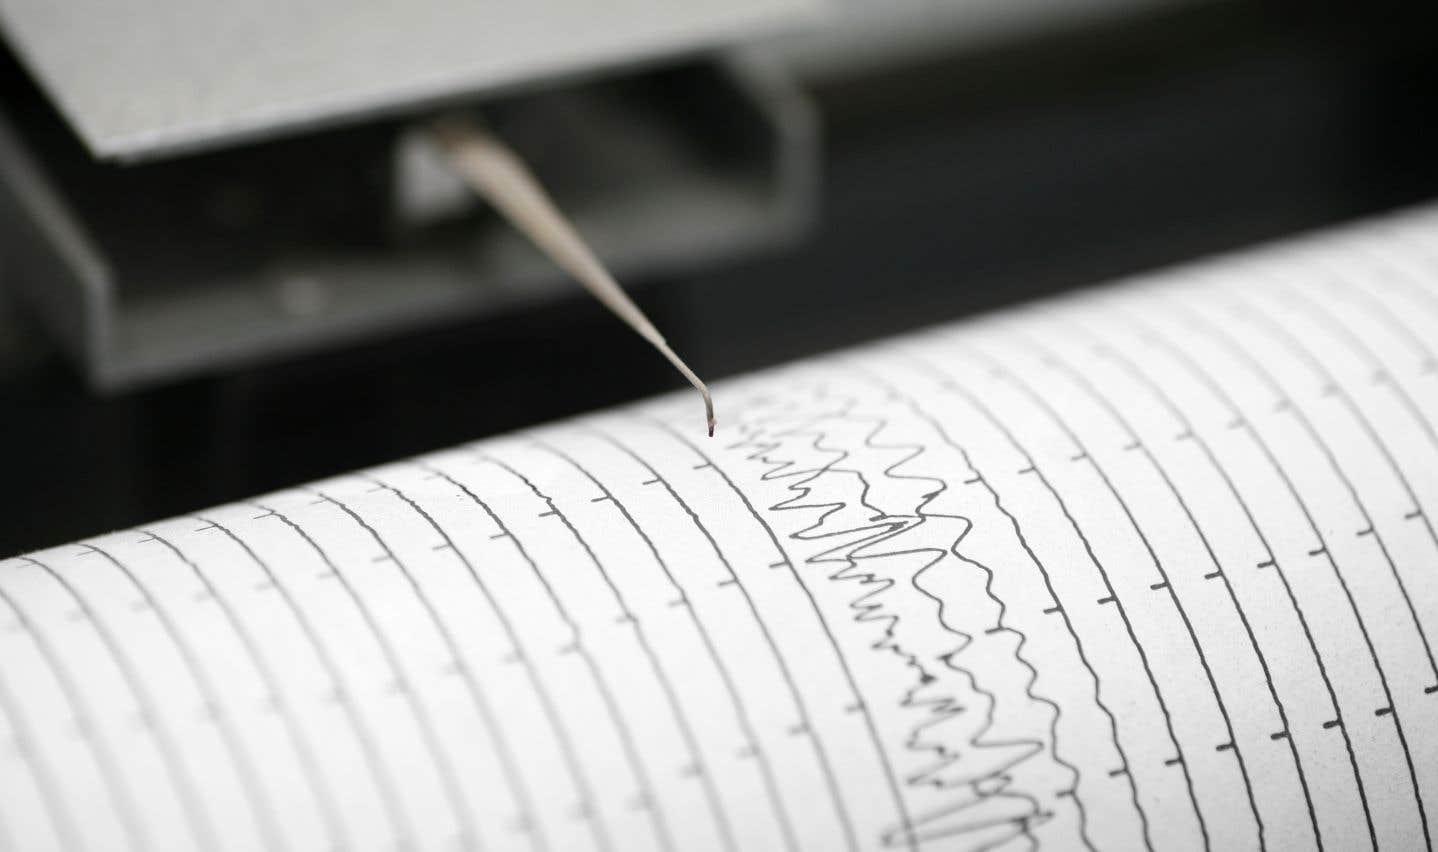 Les séismes sont fréquents en Papouasie-Nouvelle-Guinée qui se trouve sur la «ceinture de feu» du Pacifique.